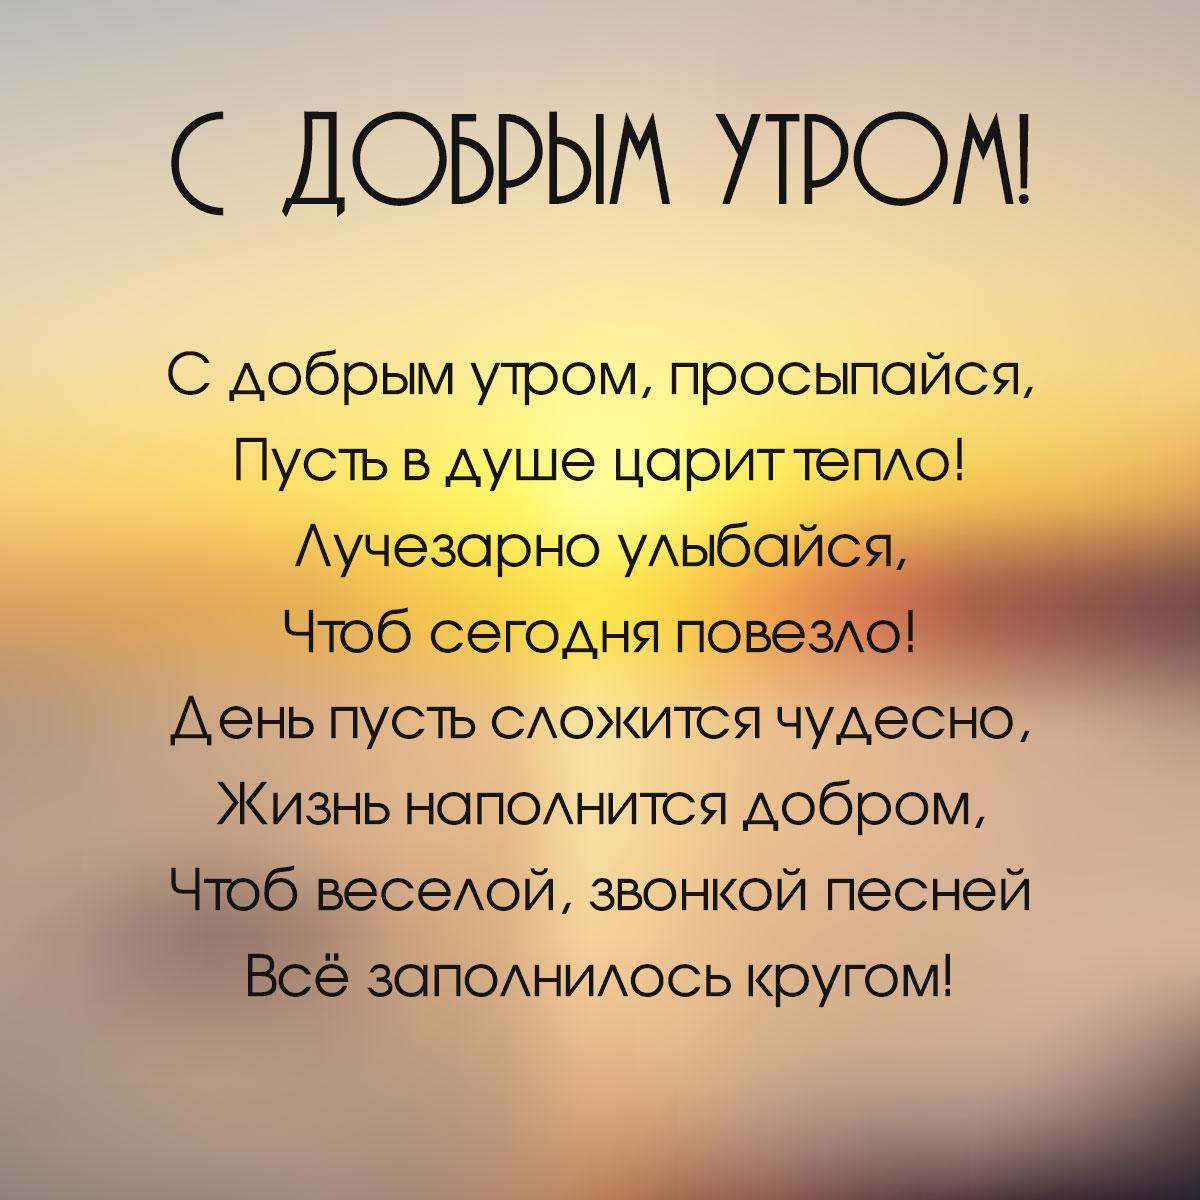 Картинка с текстом поздравления с добрым утром на фоне жёлтого восхода солнца.